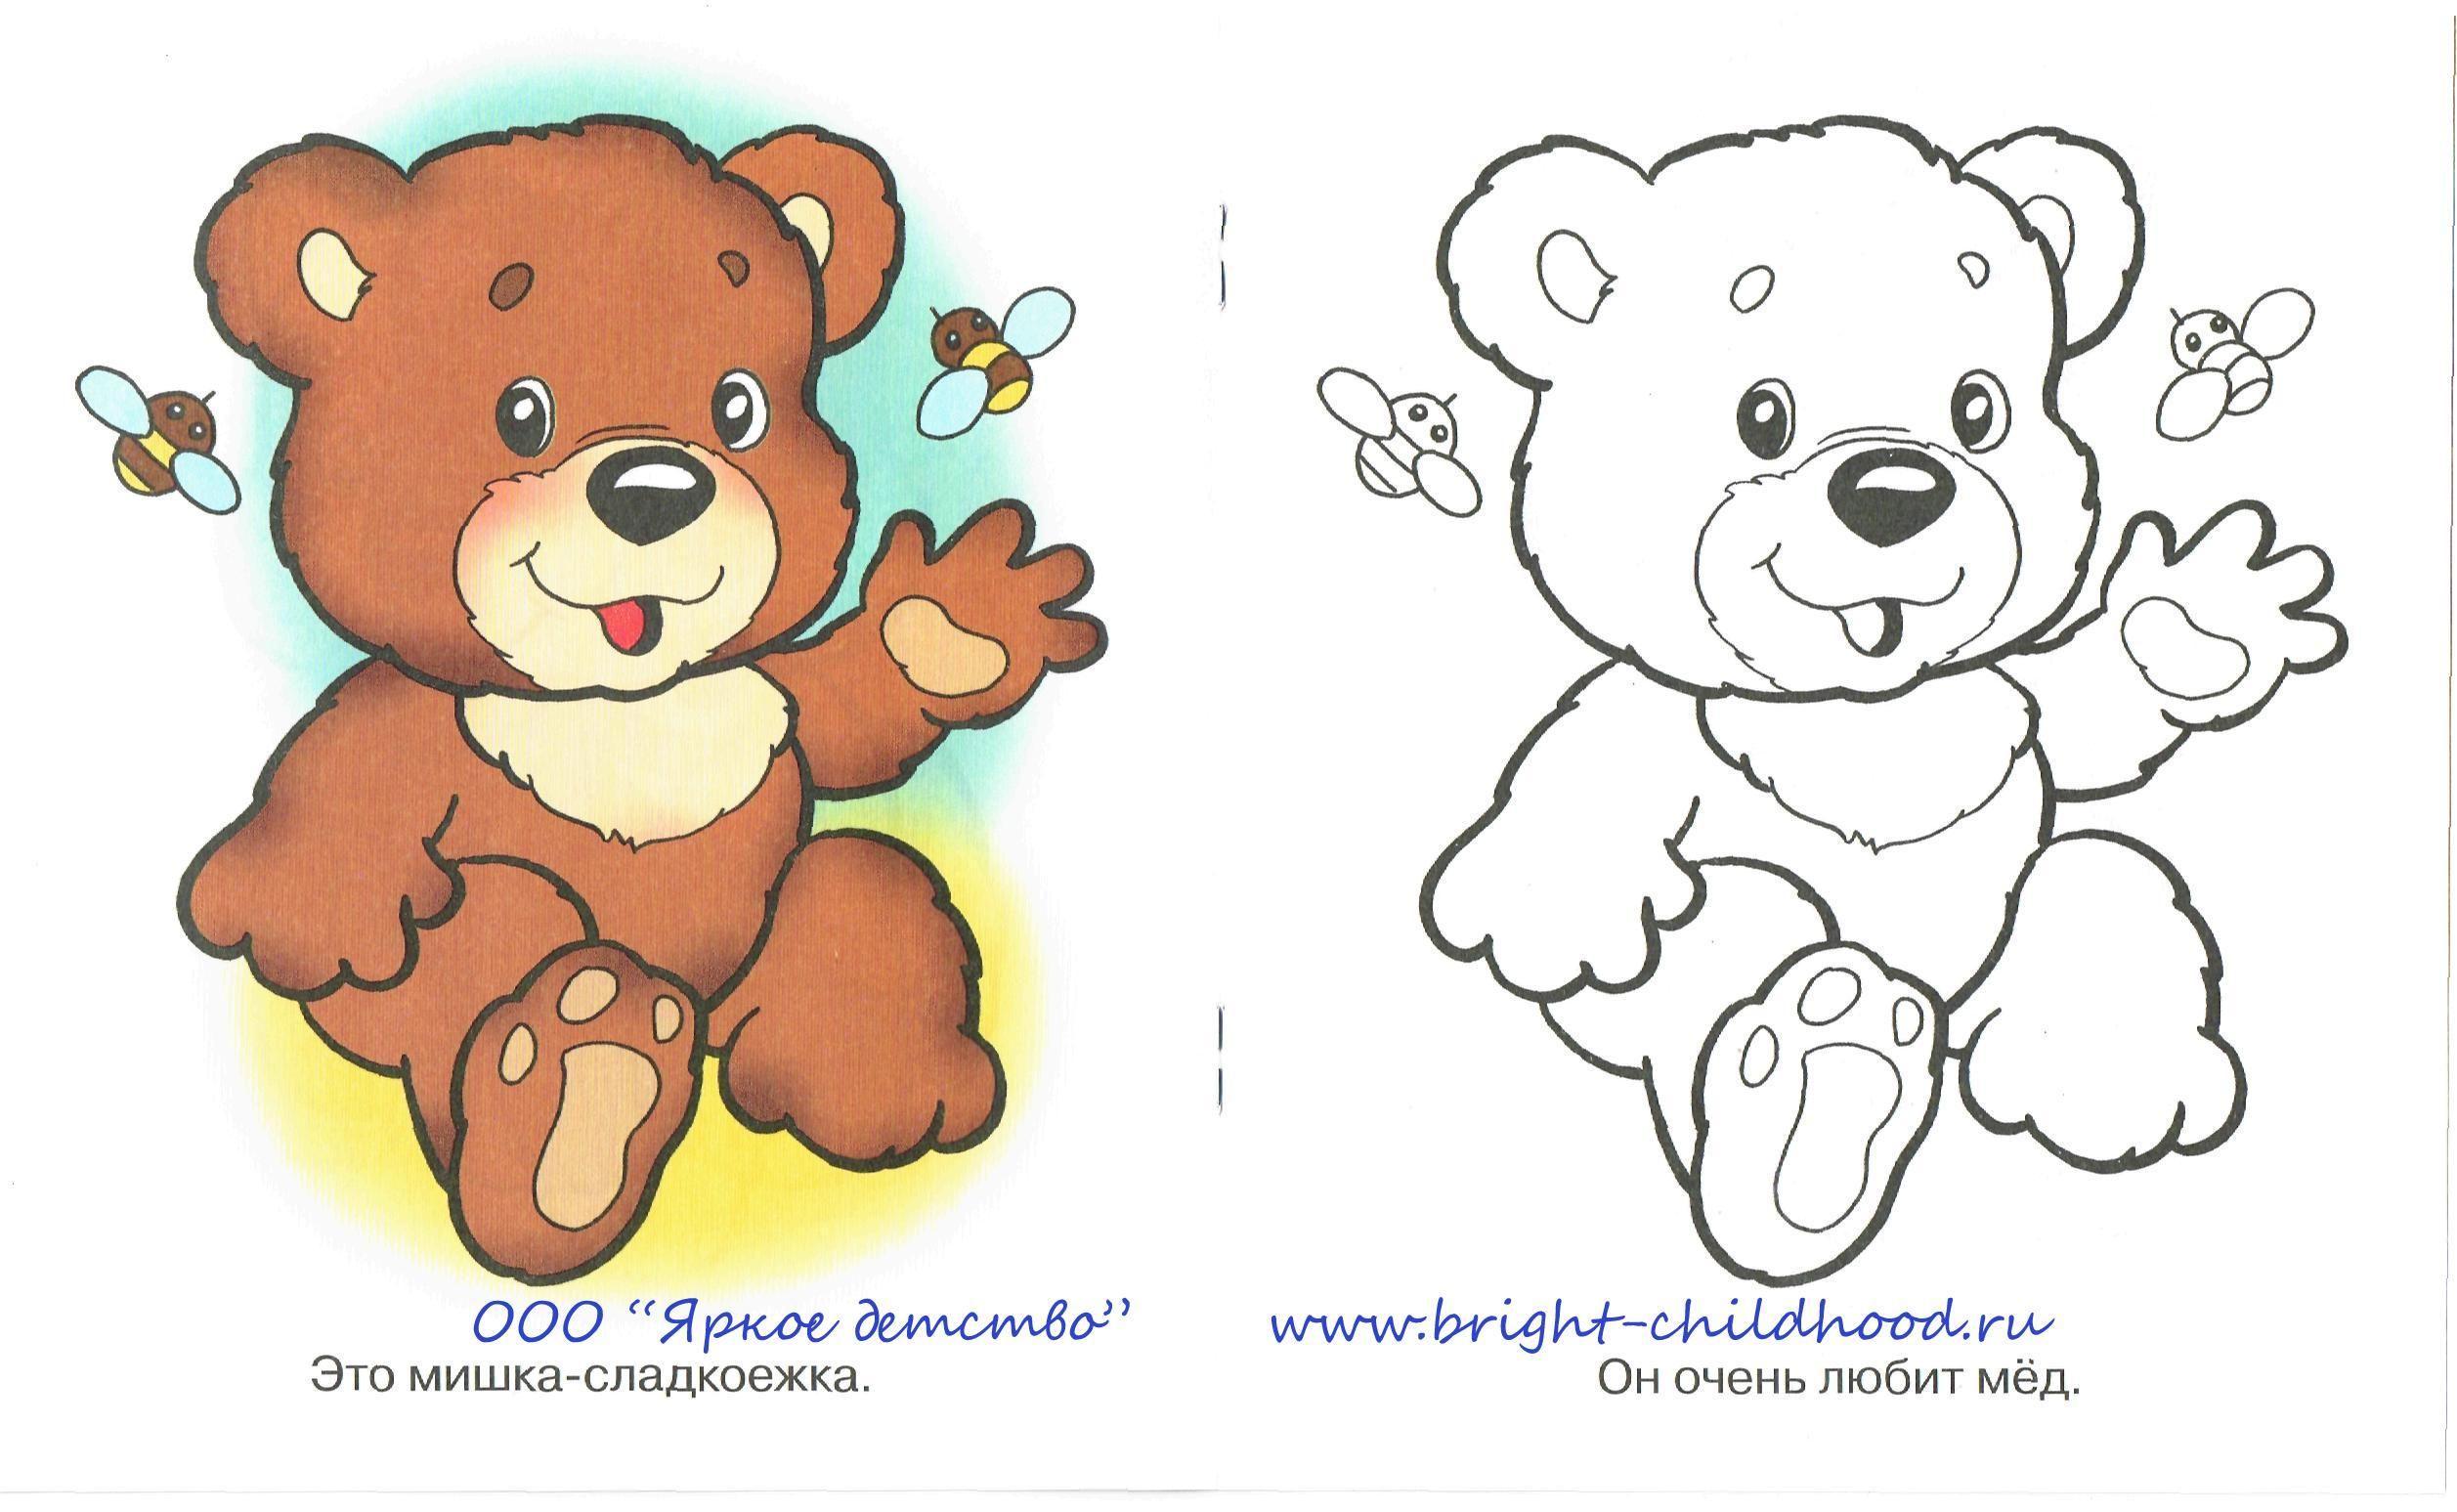 раскраски мишка для детей 3-4 лет: 10 тыс изображений ...